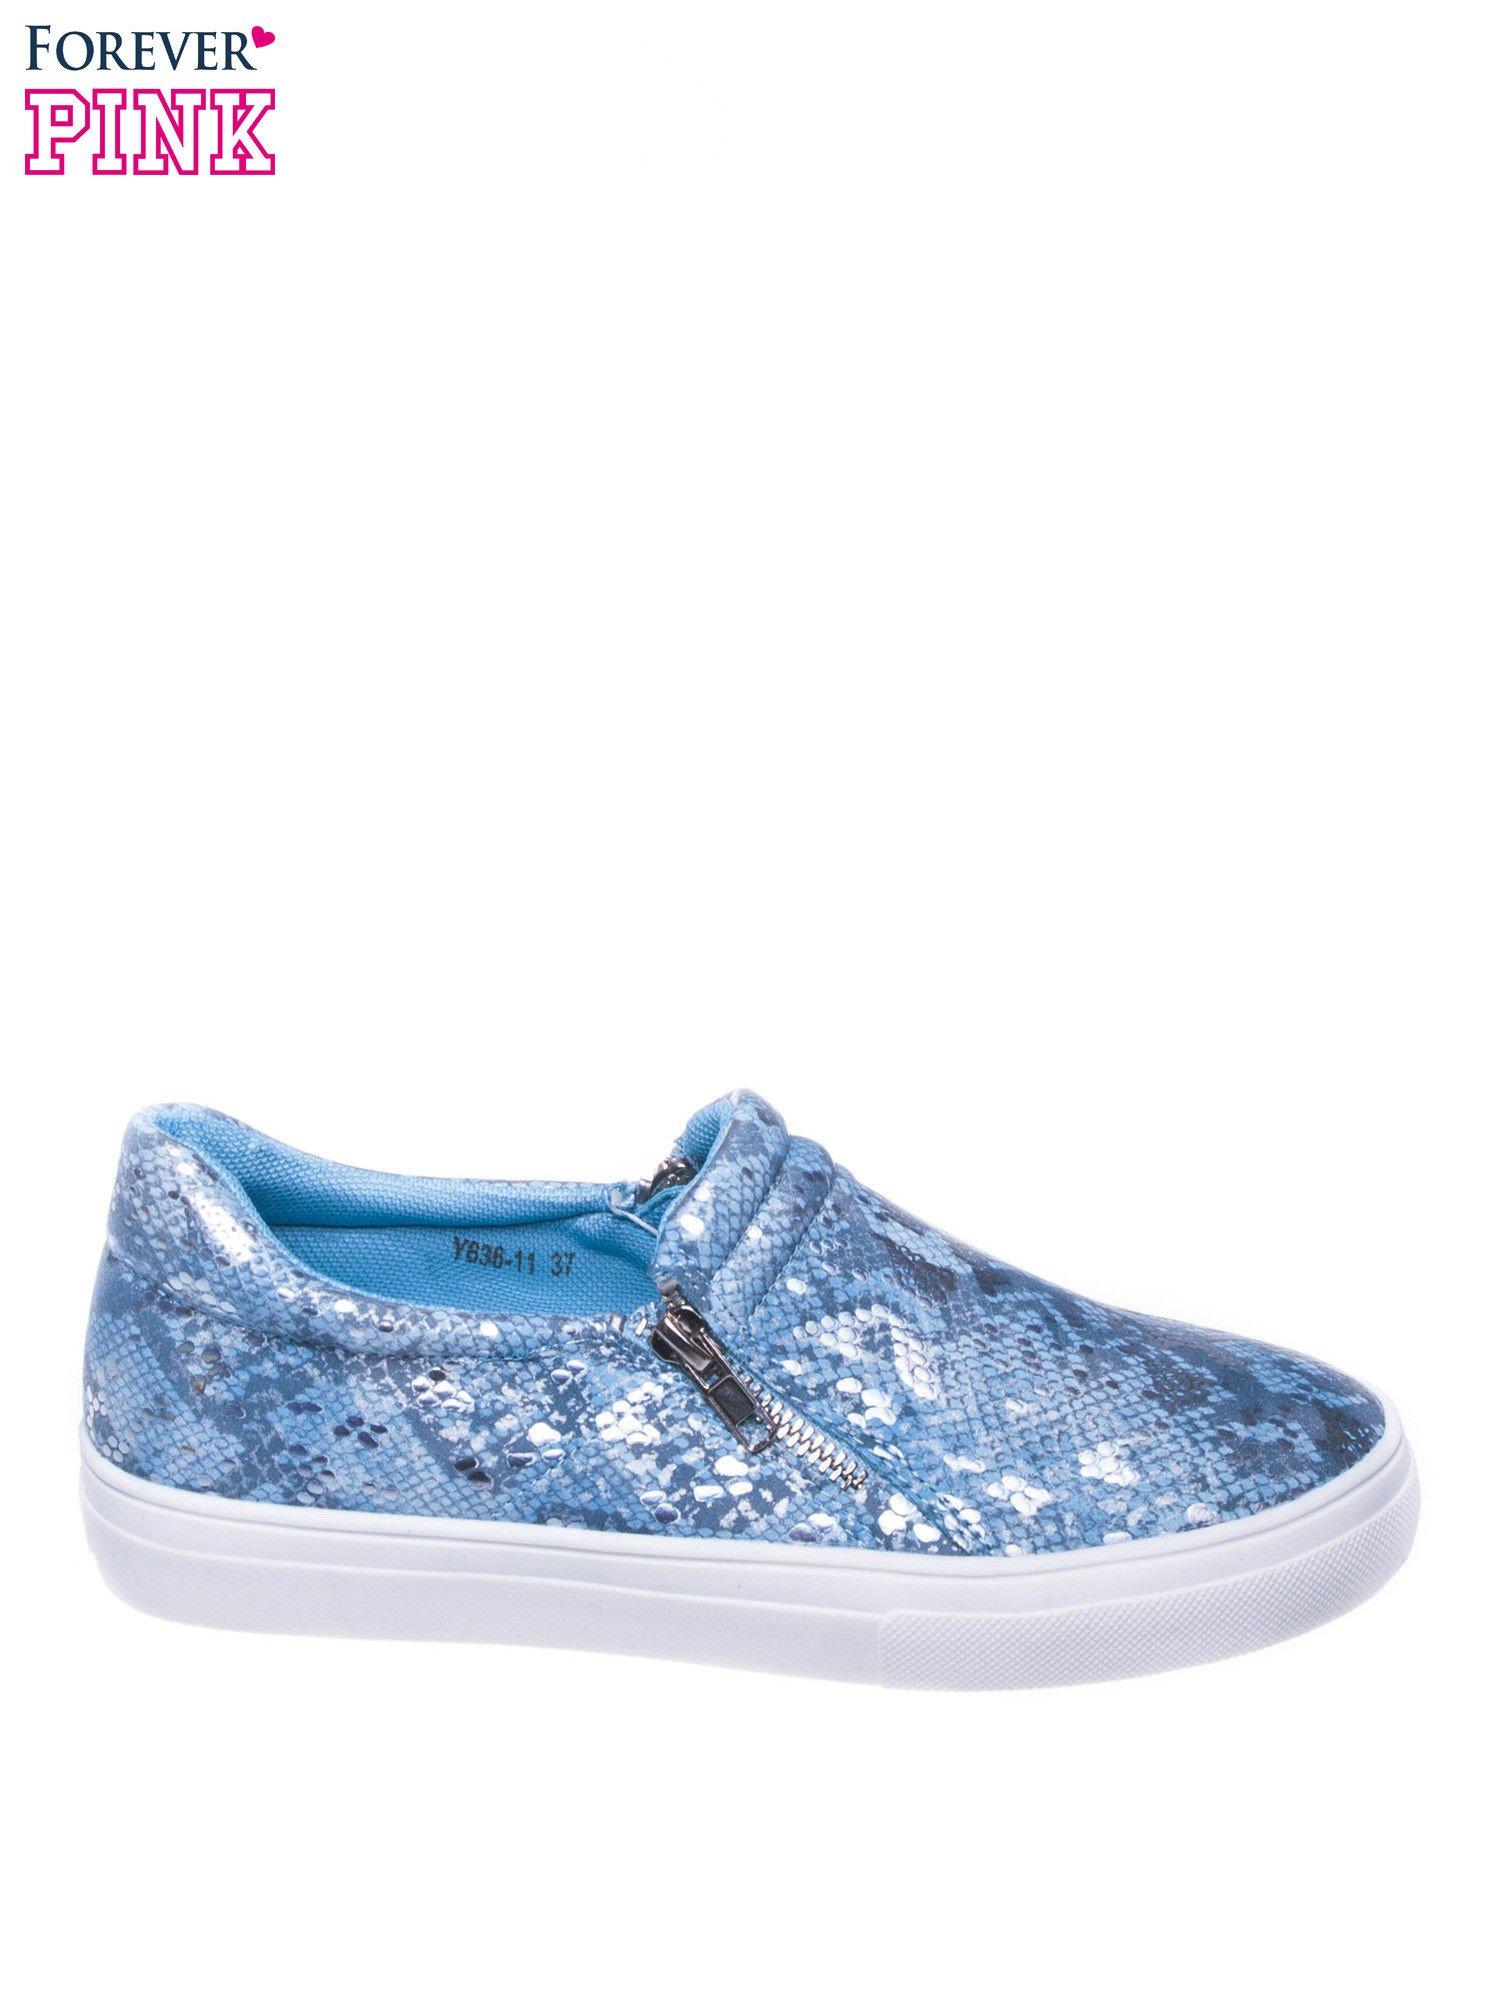 Niebieskie buty slip on ze skóry węża                                  zdj.                                  1